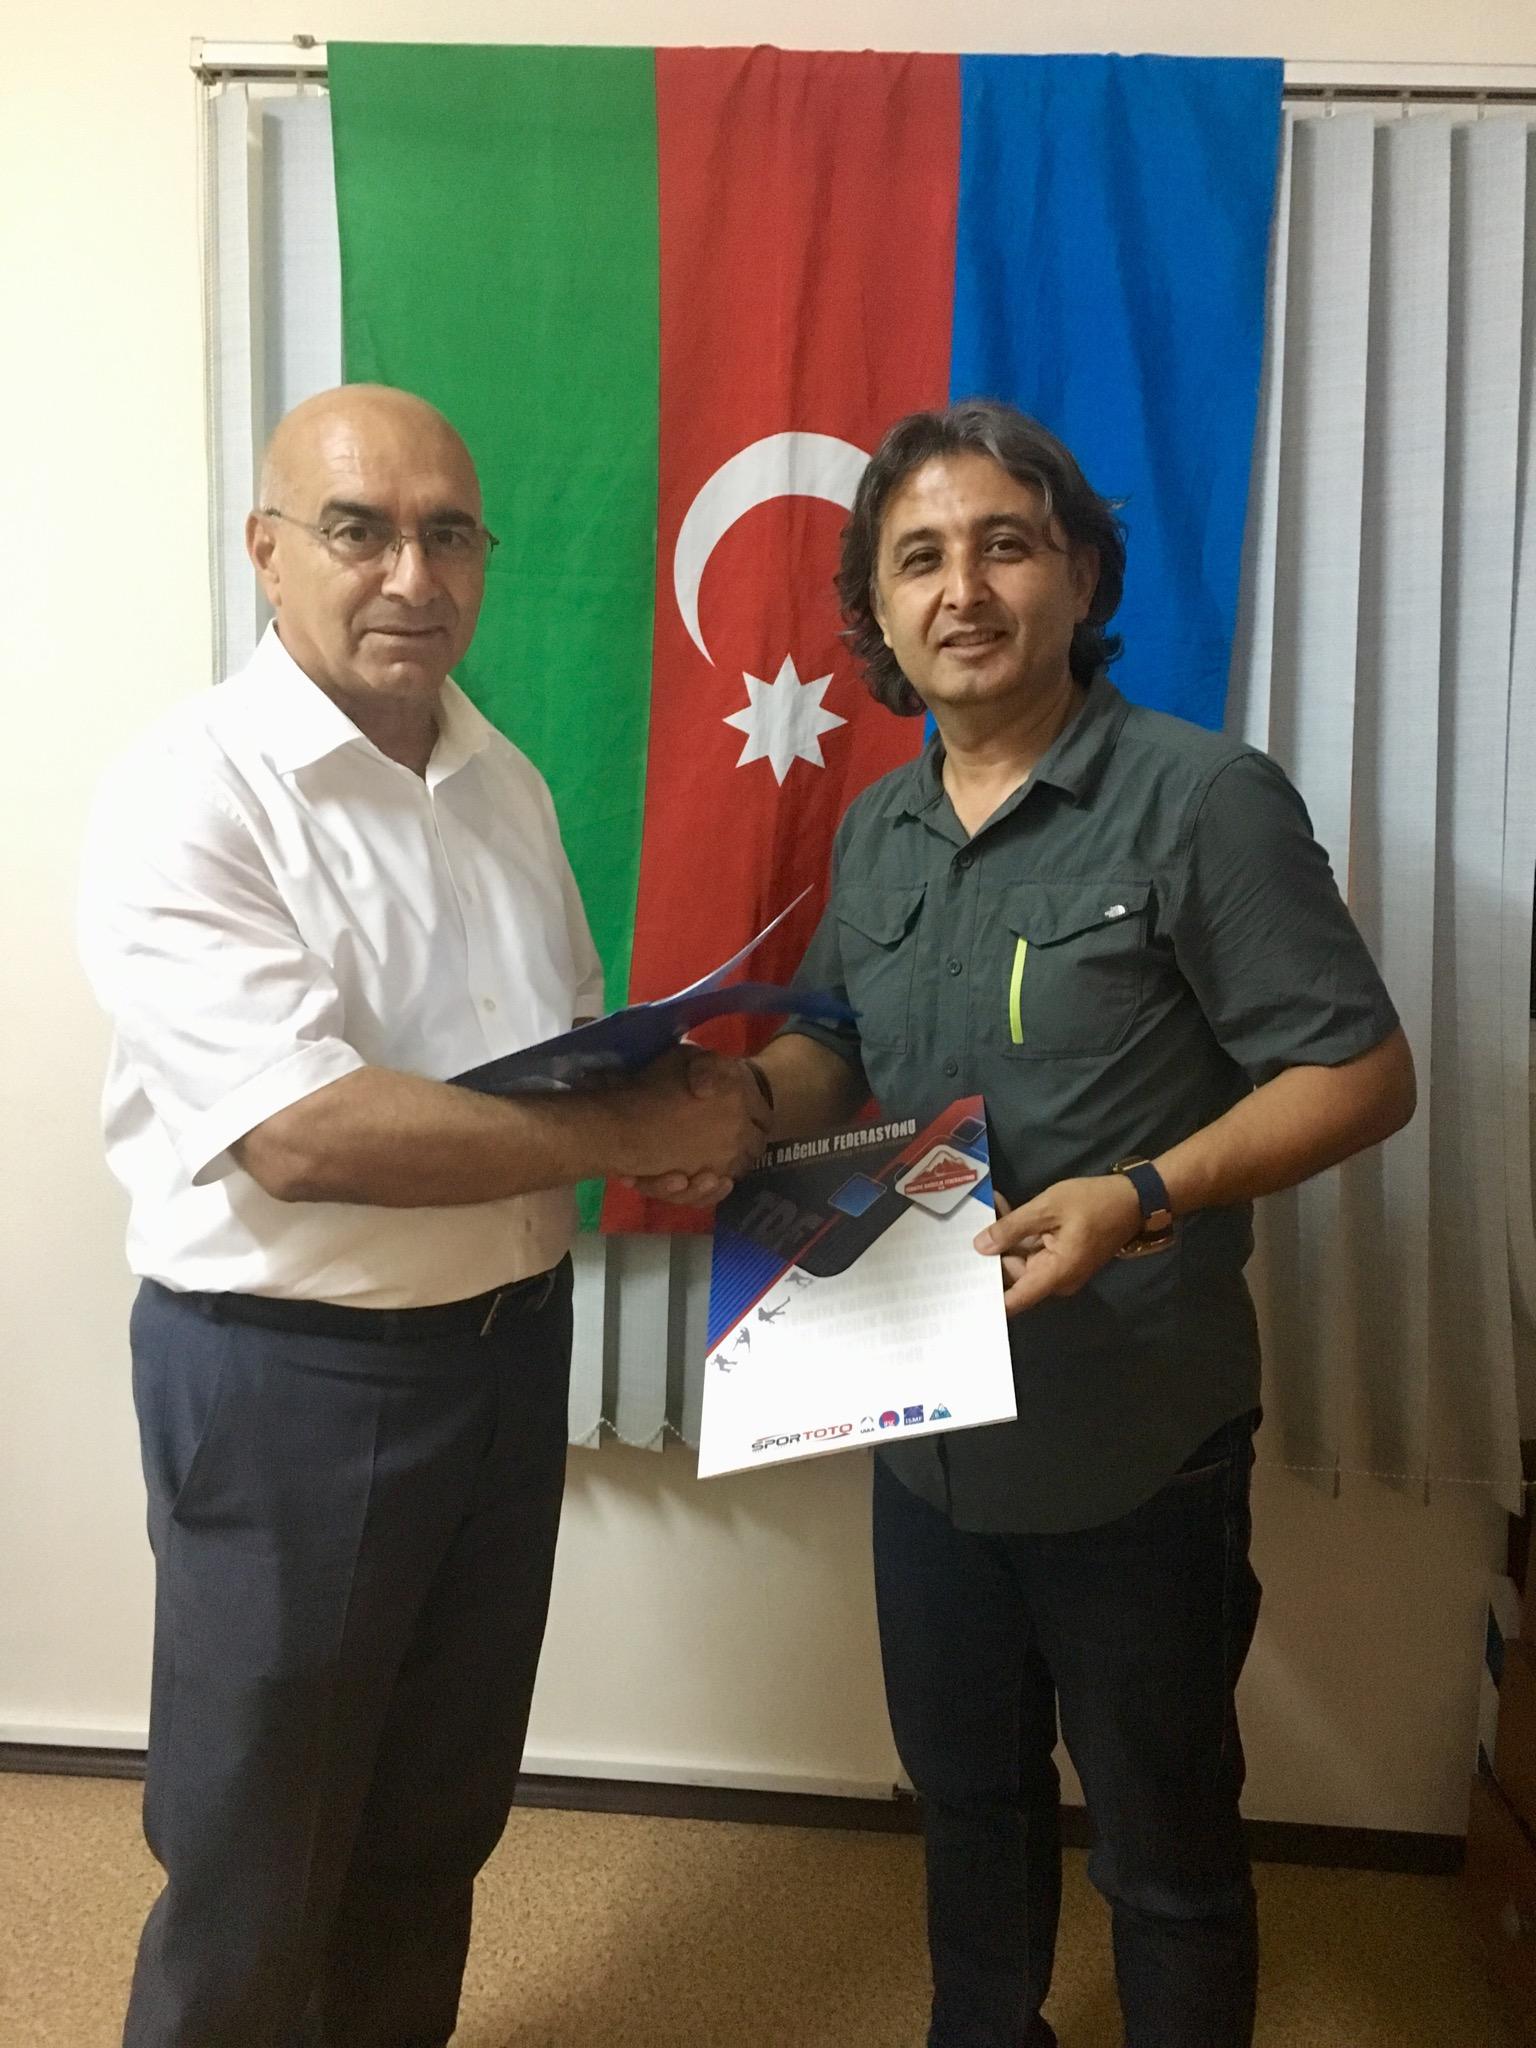 Azerbaycan Dağcılık (FAIREX) Federasyonu ile eğitim ve işbirliği protokolü imzalandı.